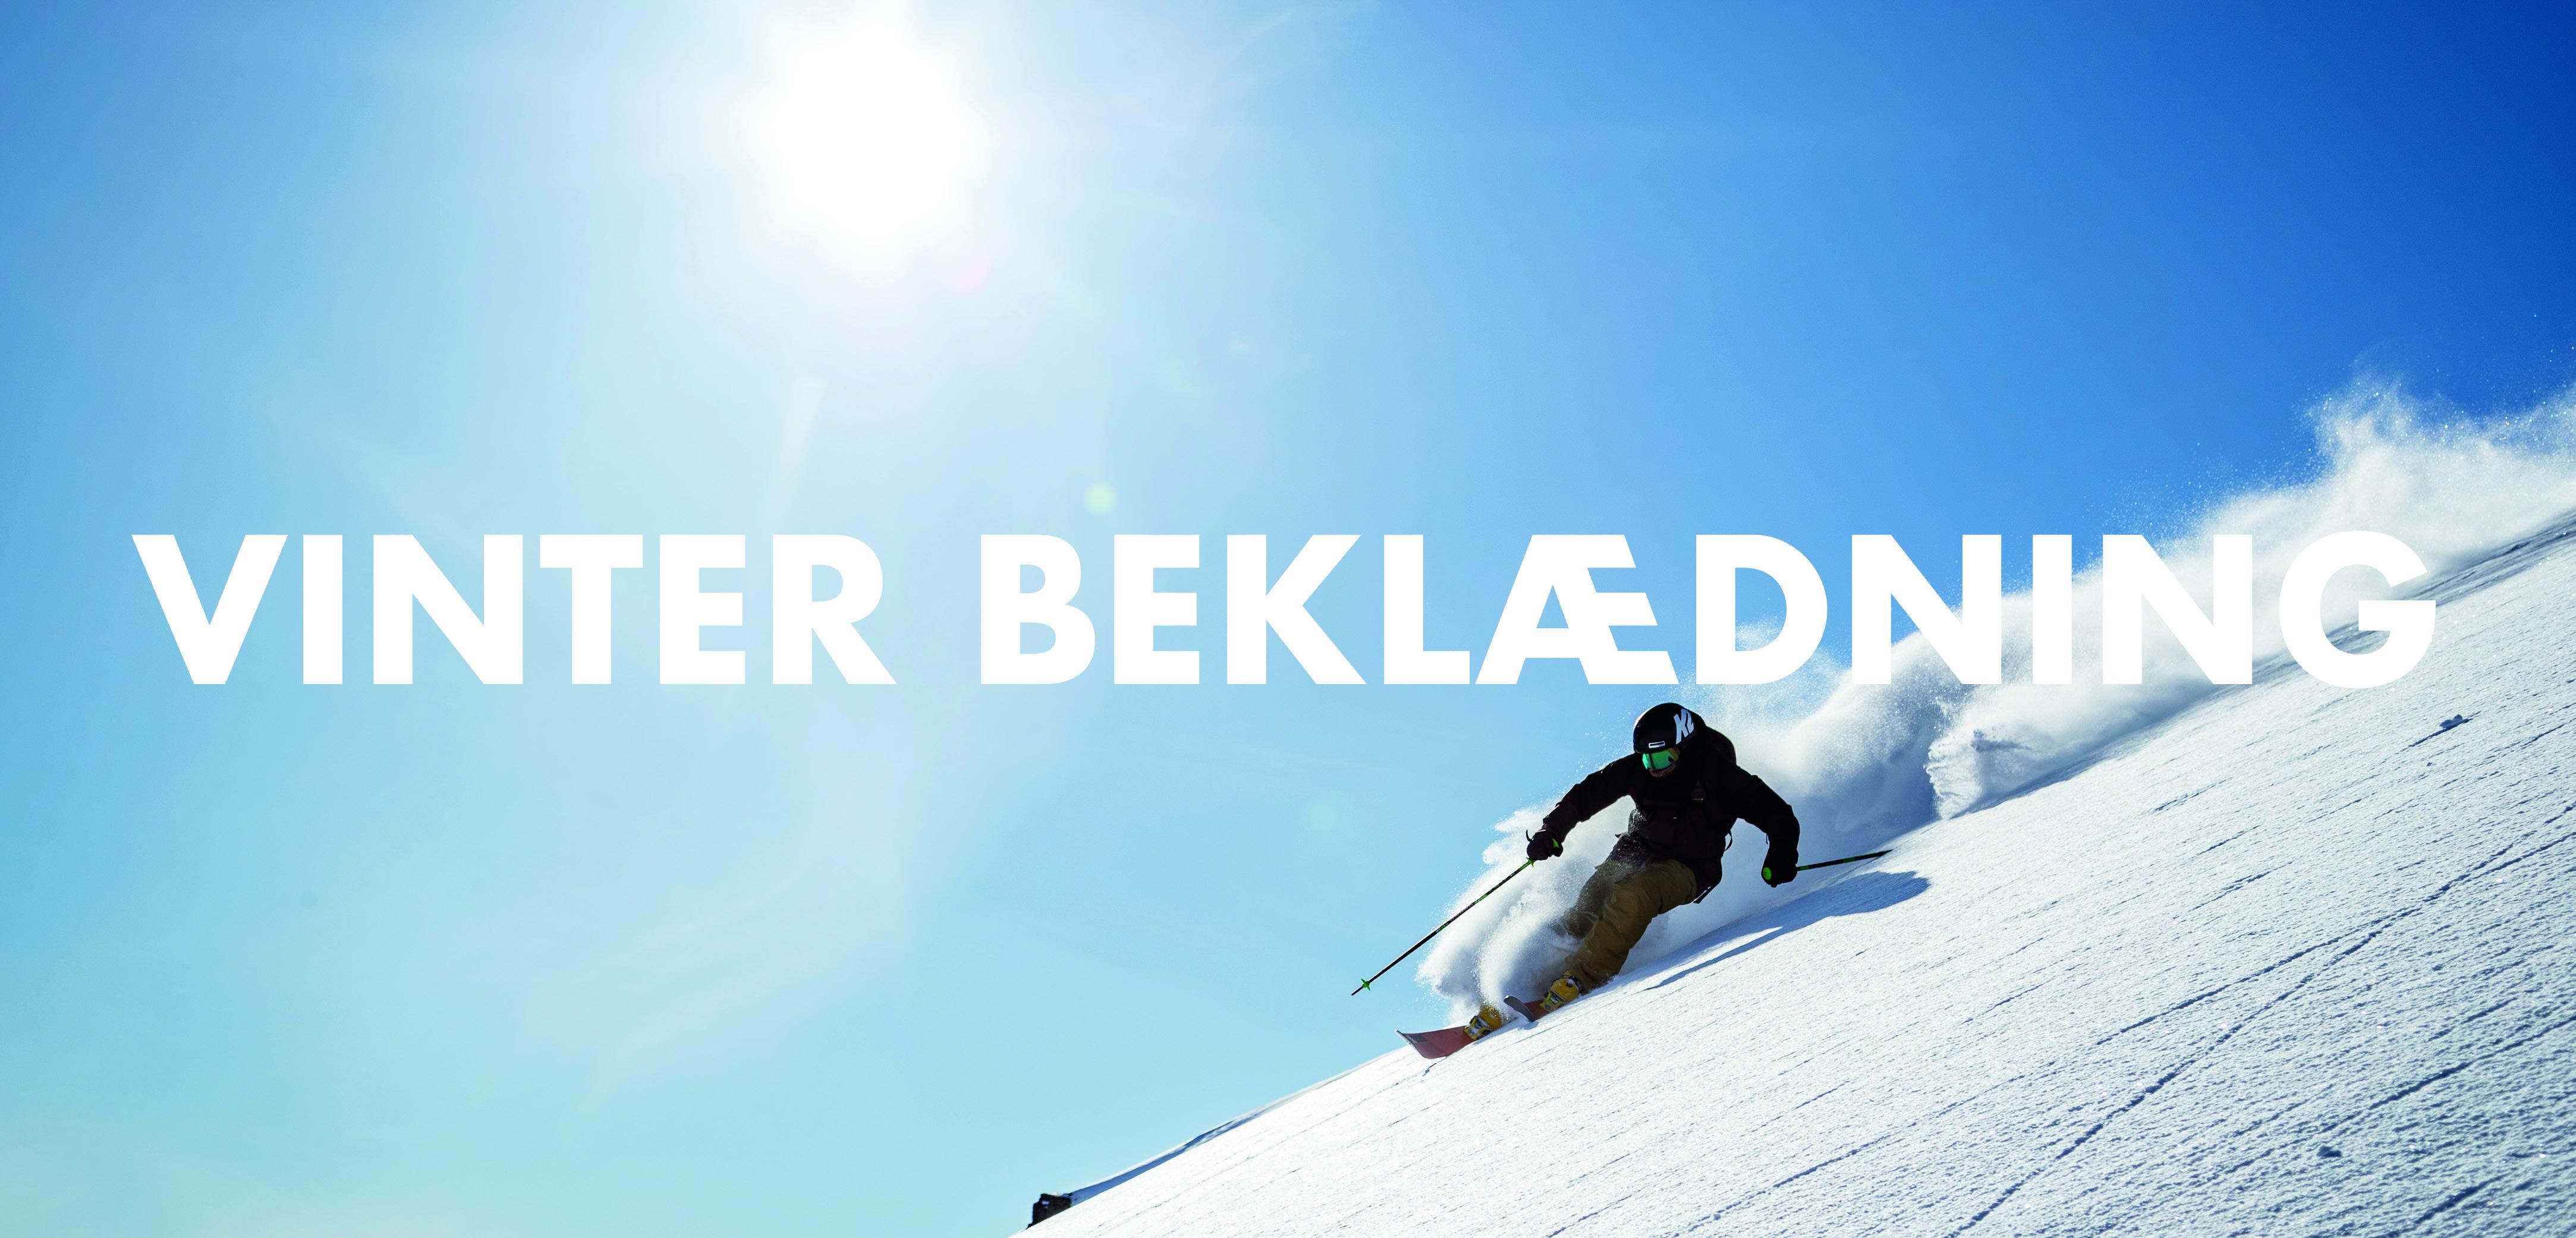 Surf og ski Horsens Vinterbeklædning